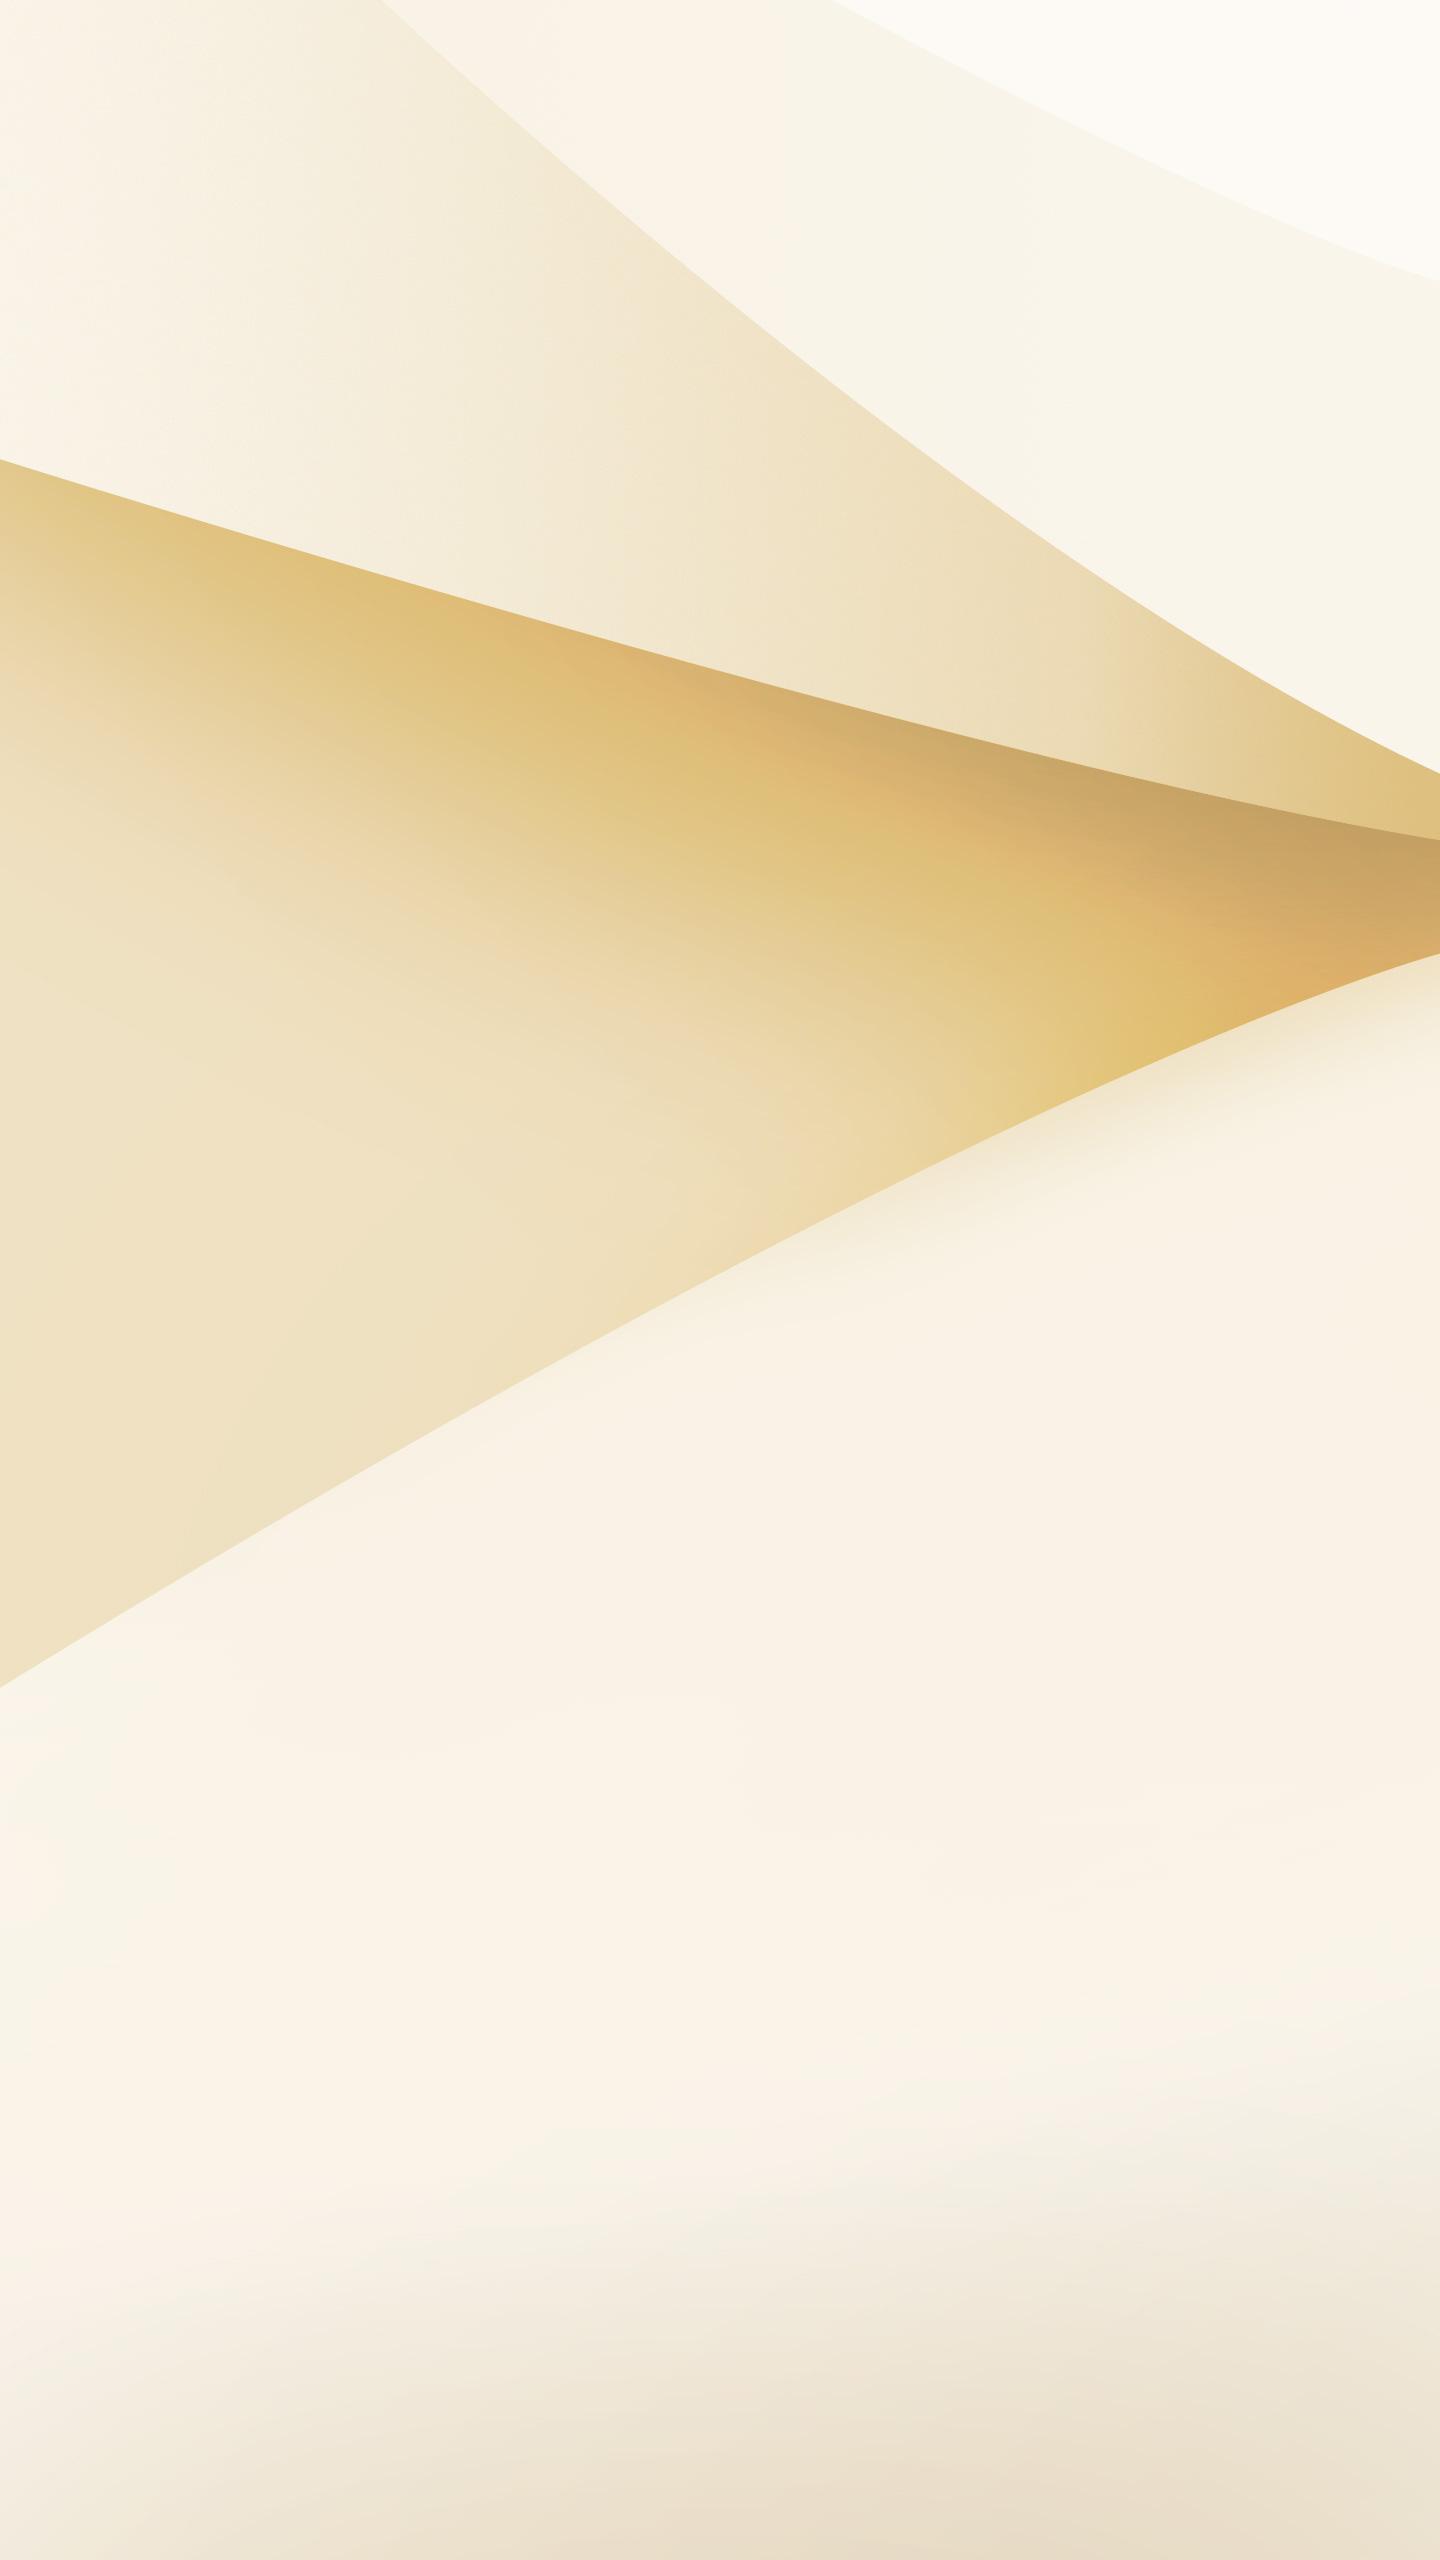 ZTE-MI-Favor-UI-Stock-Full-HD-Wallpapers-Mohamedovic (16)